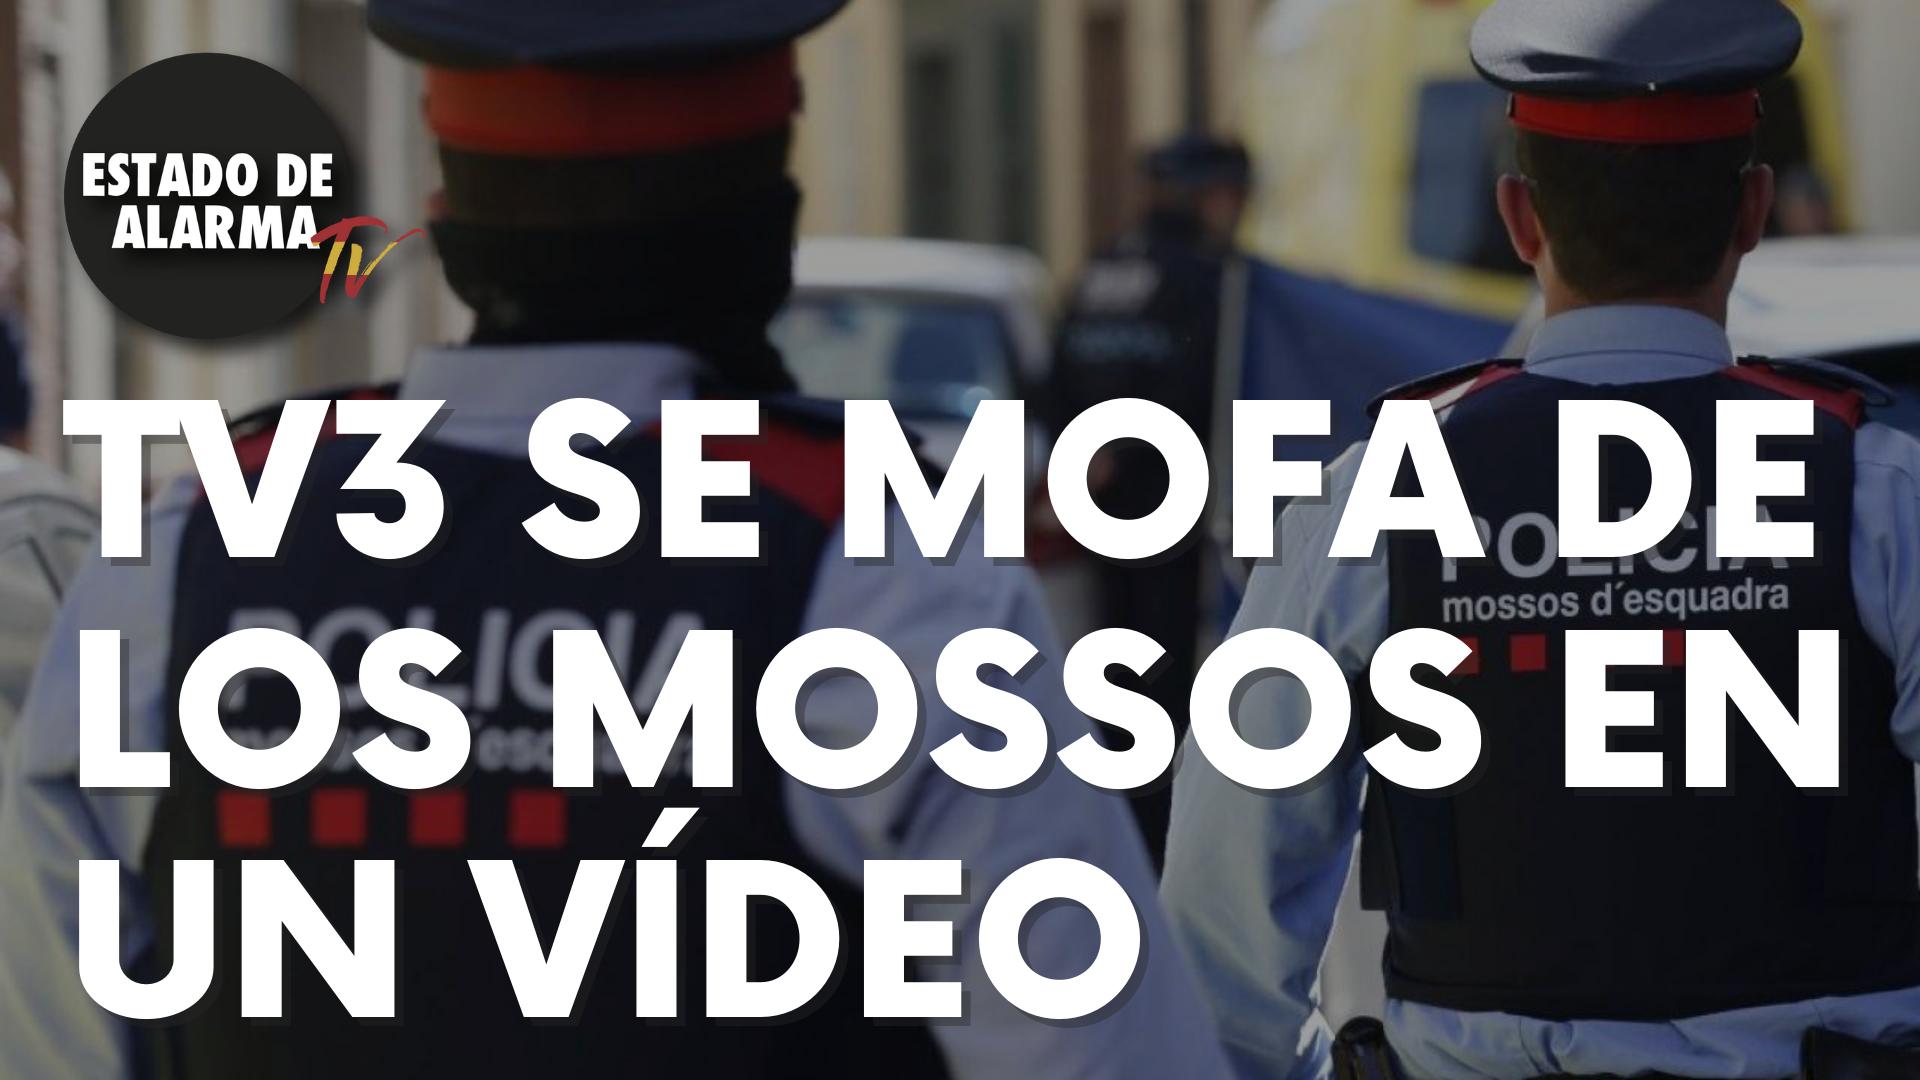 TV3 se mofa de los Mossos en un bochornoso vídeo